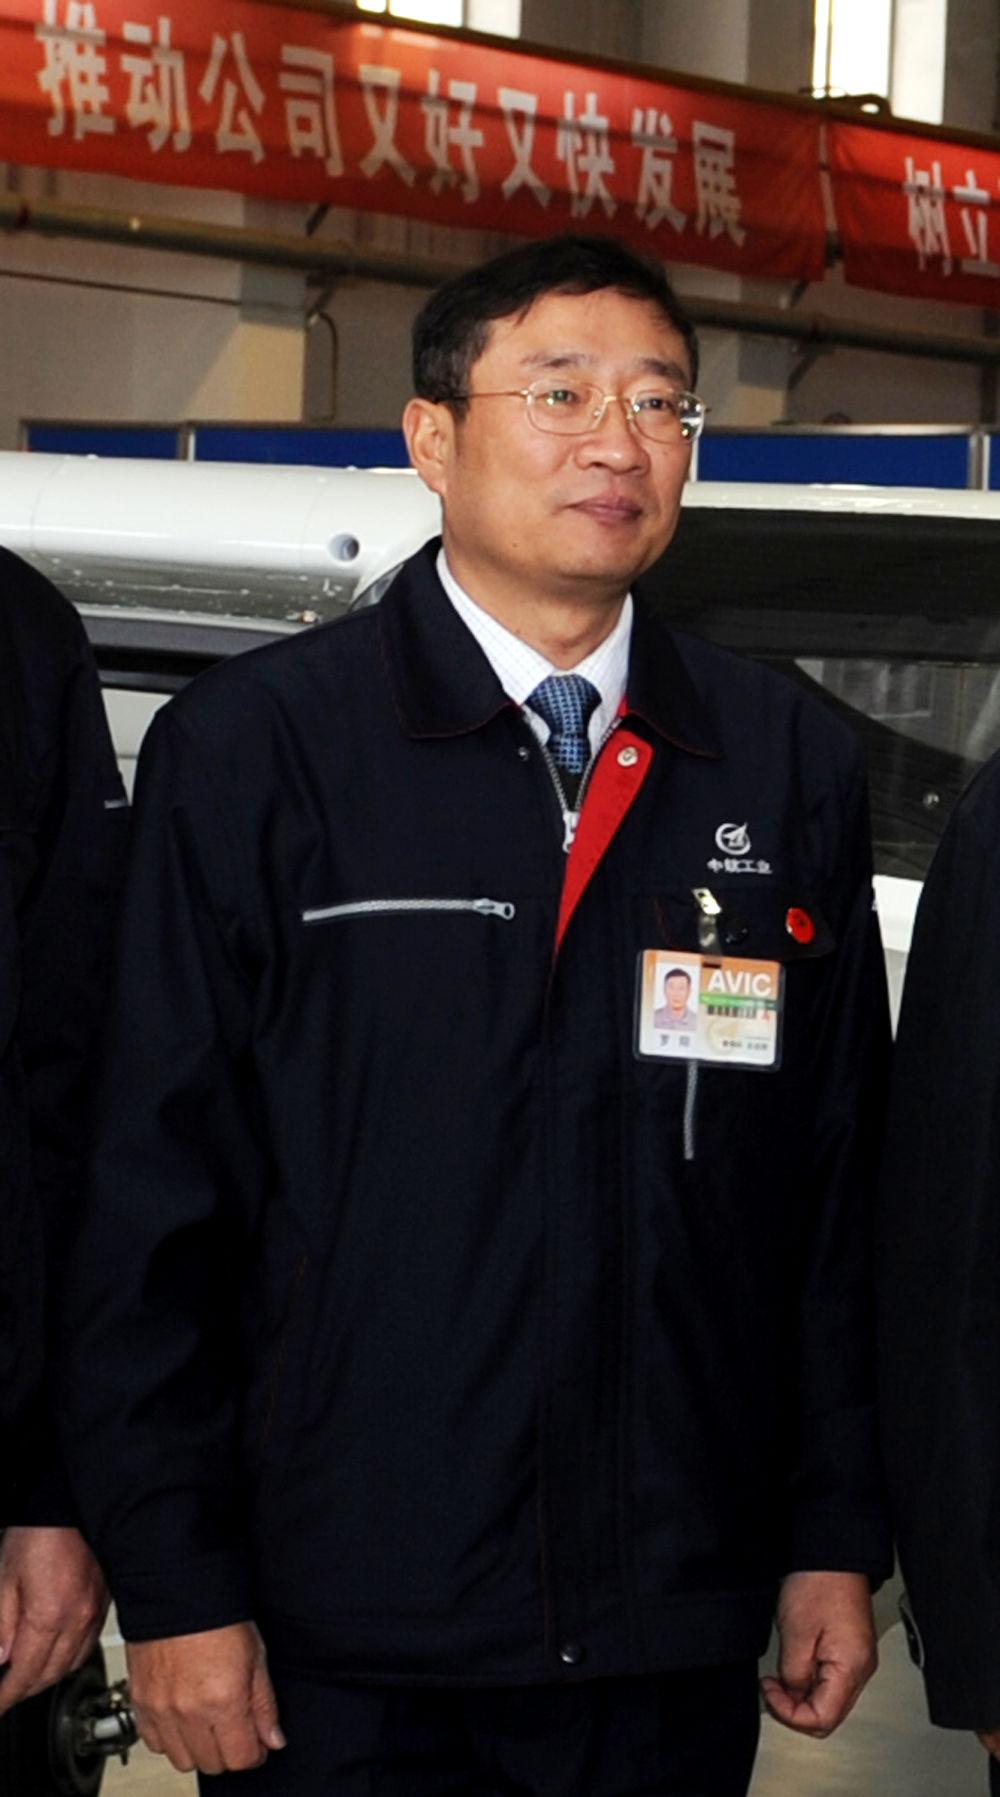 这是罗阳生前照片(2012年2月24日摄)。 新华社记者 李钢 摄